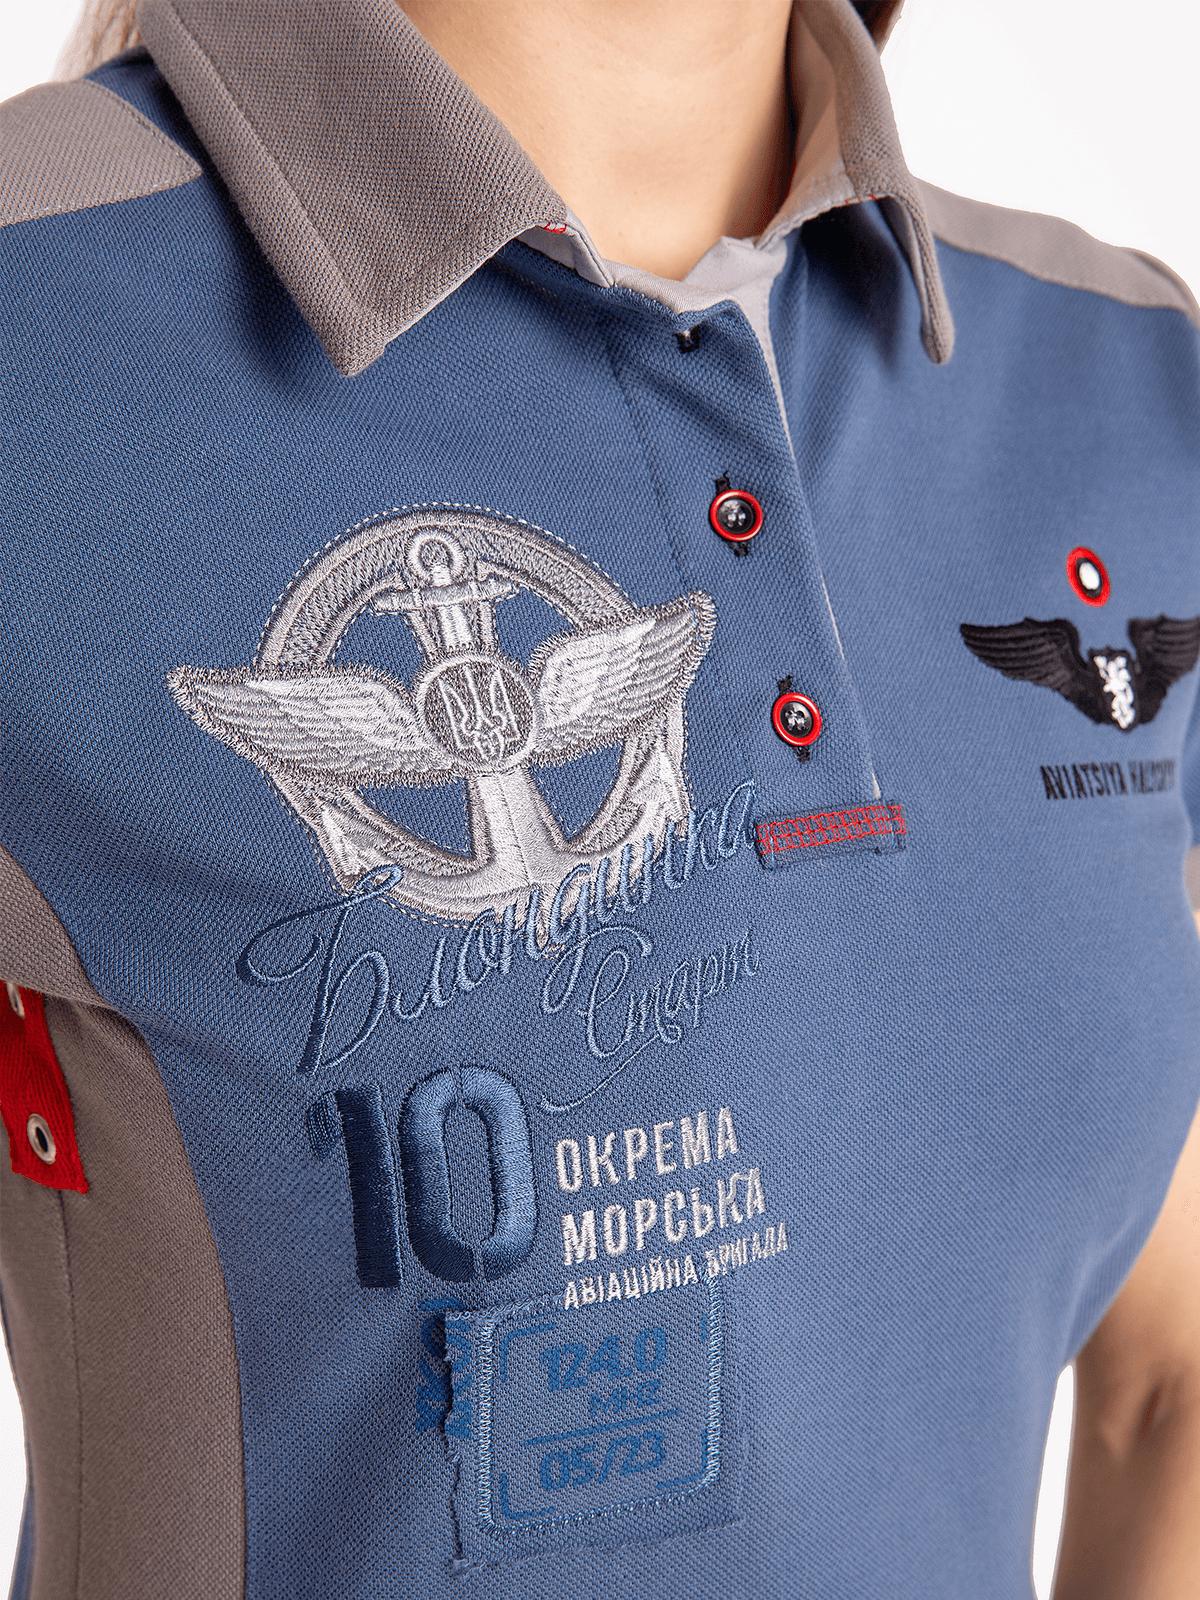 Women's Polo Shirt 10 Brigade. Color denim.  Height of the model: 180 cm.